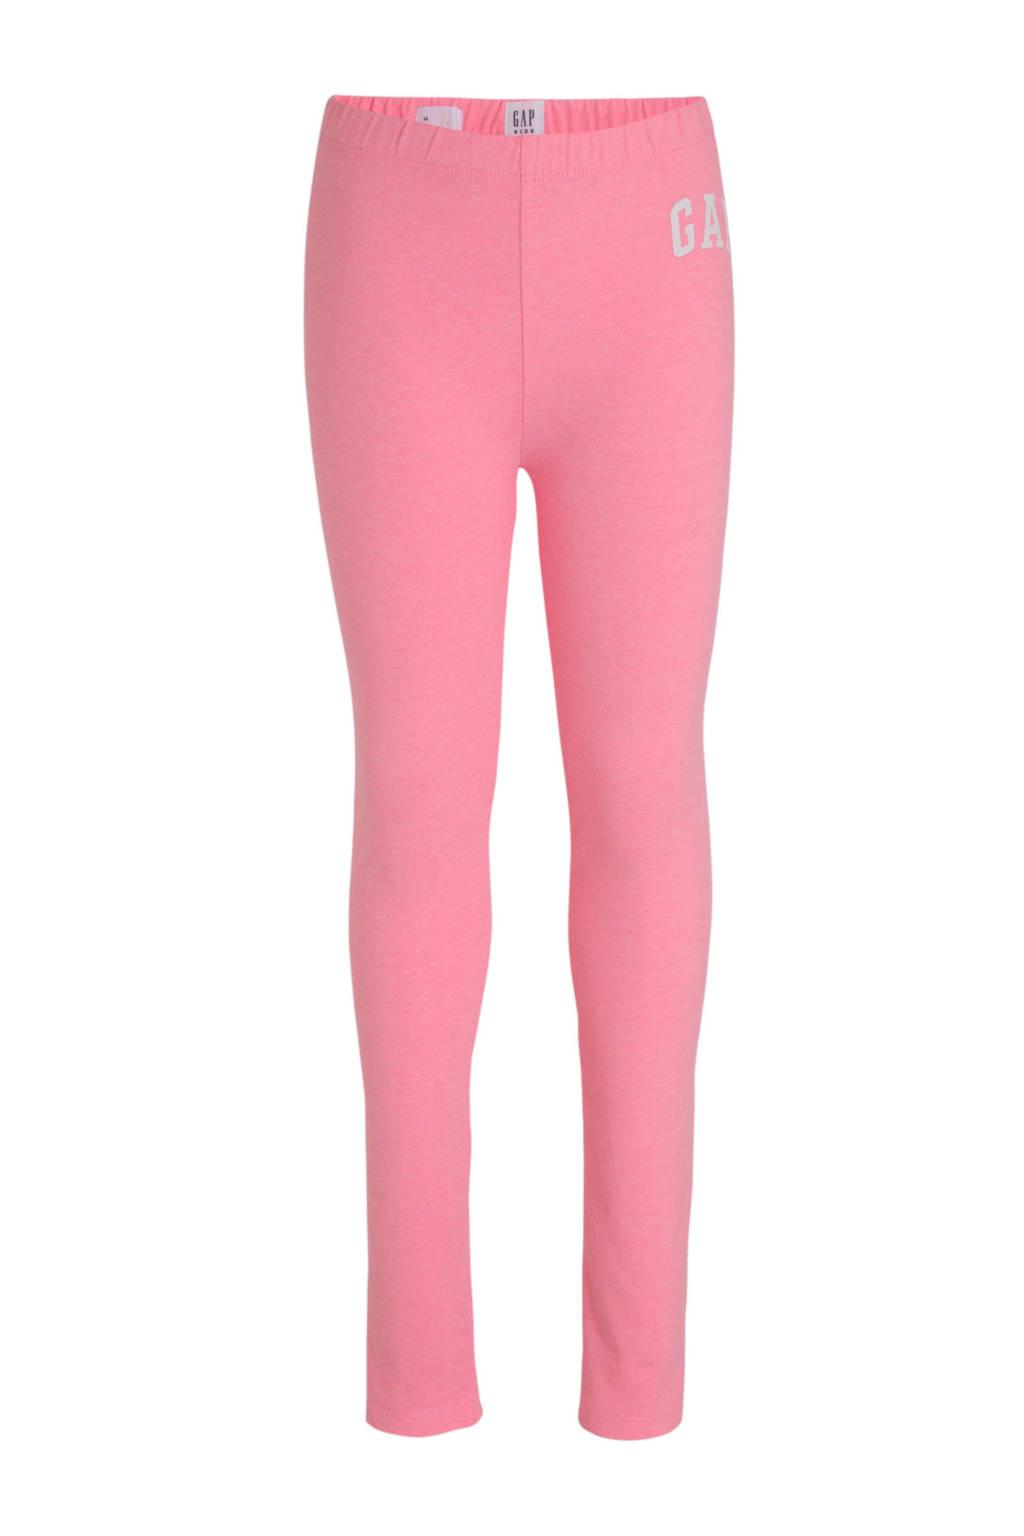 GAP legging met logo neon roze, Neon roze